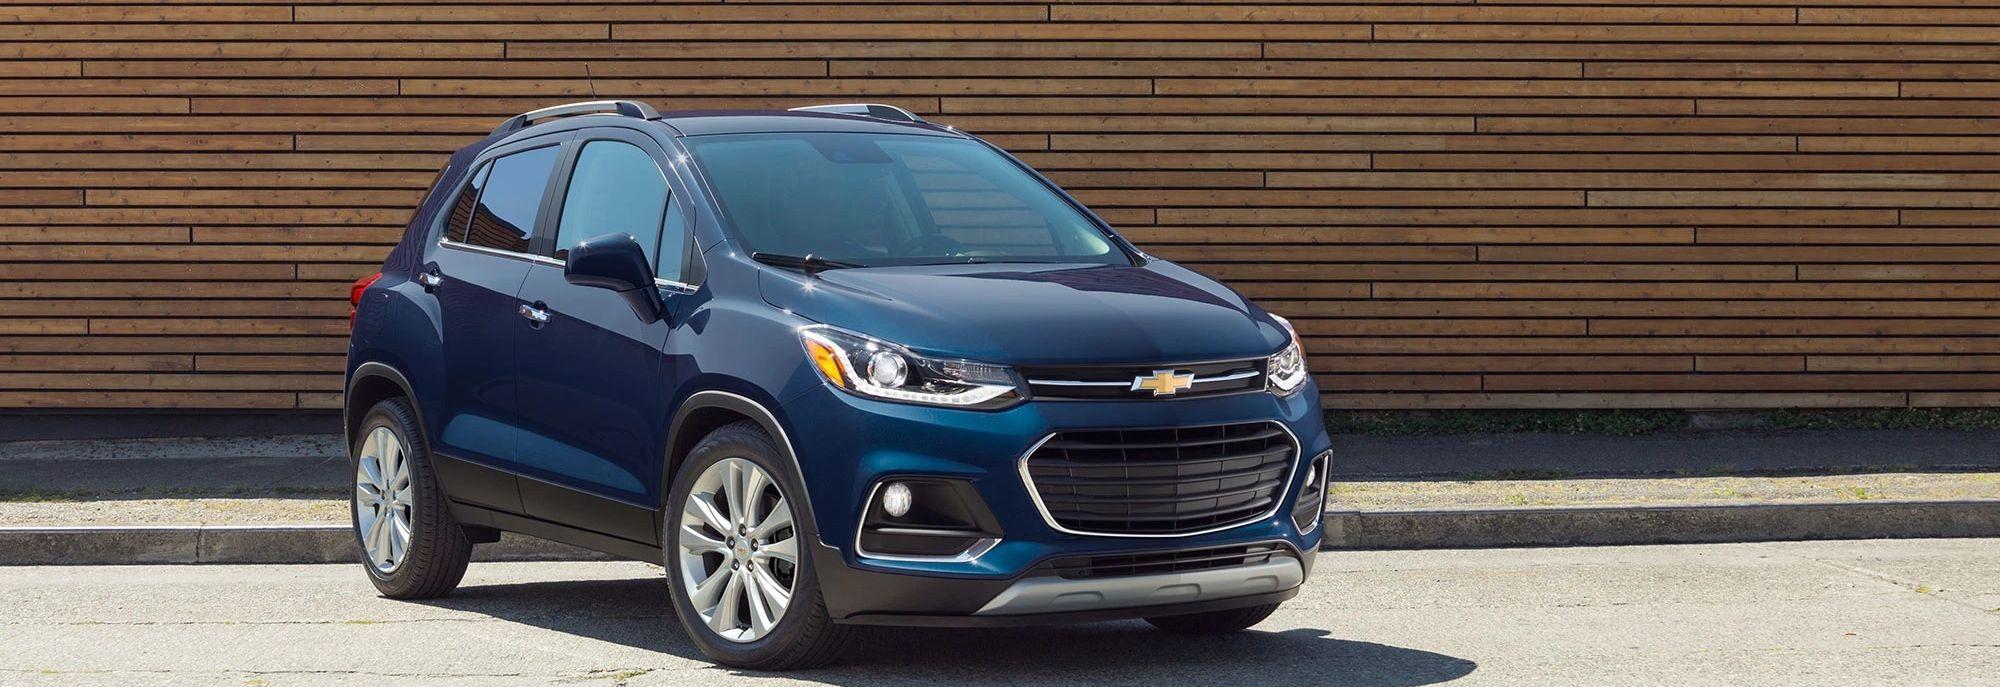 Chevrolet Trax 2019 a la venta cerca de San Diego, CA